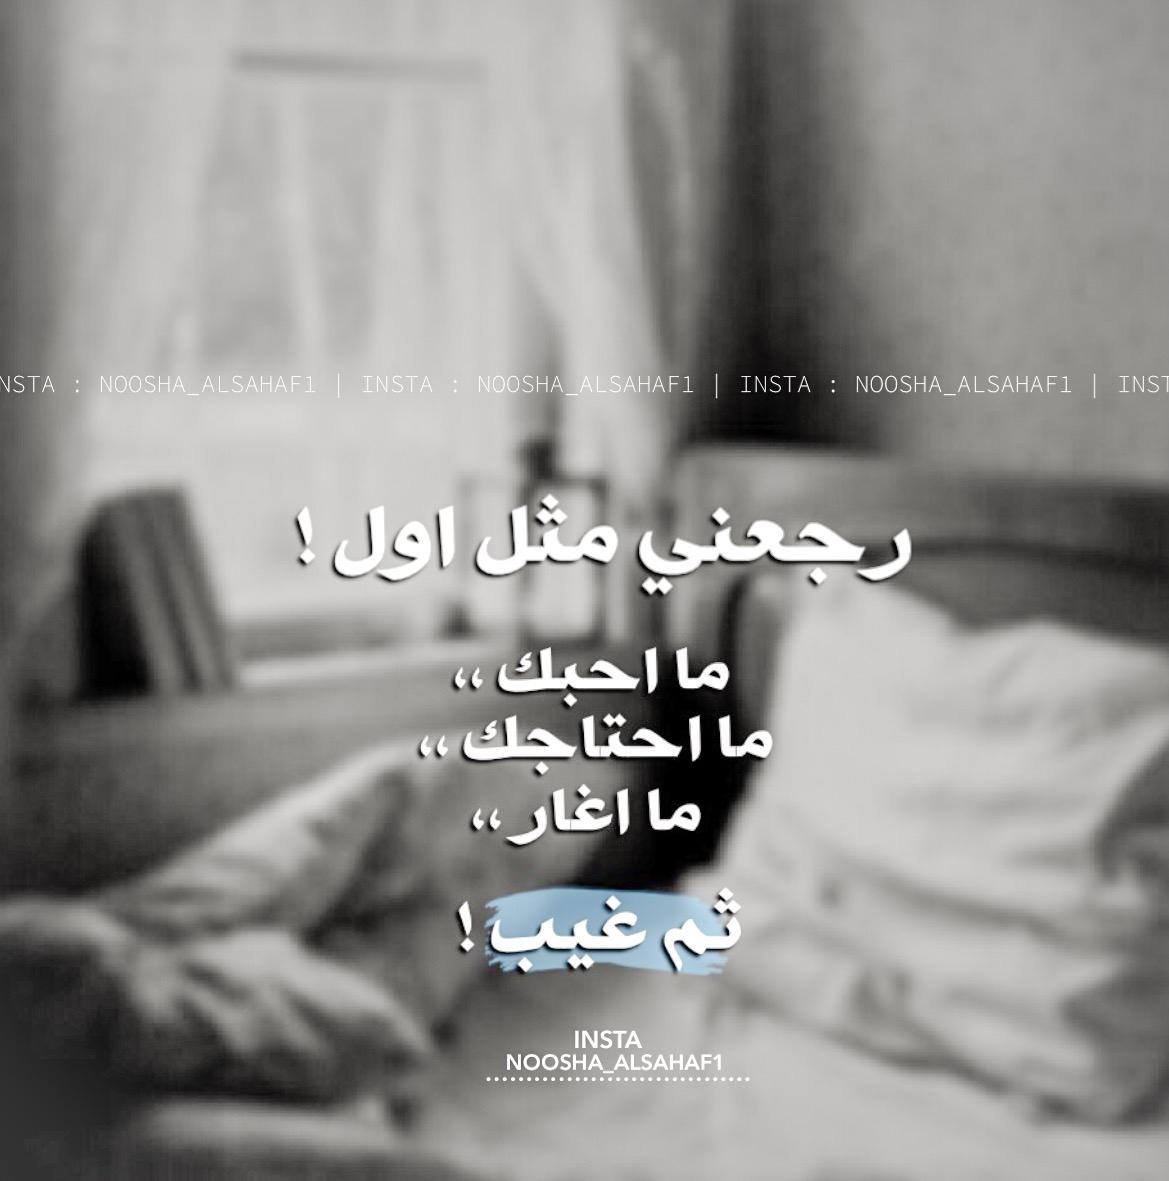 صورة صور حزينه فراق , صورة معبرة عن كل الاحزان الموجوده بداخلنا 2773 9